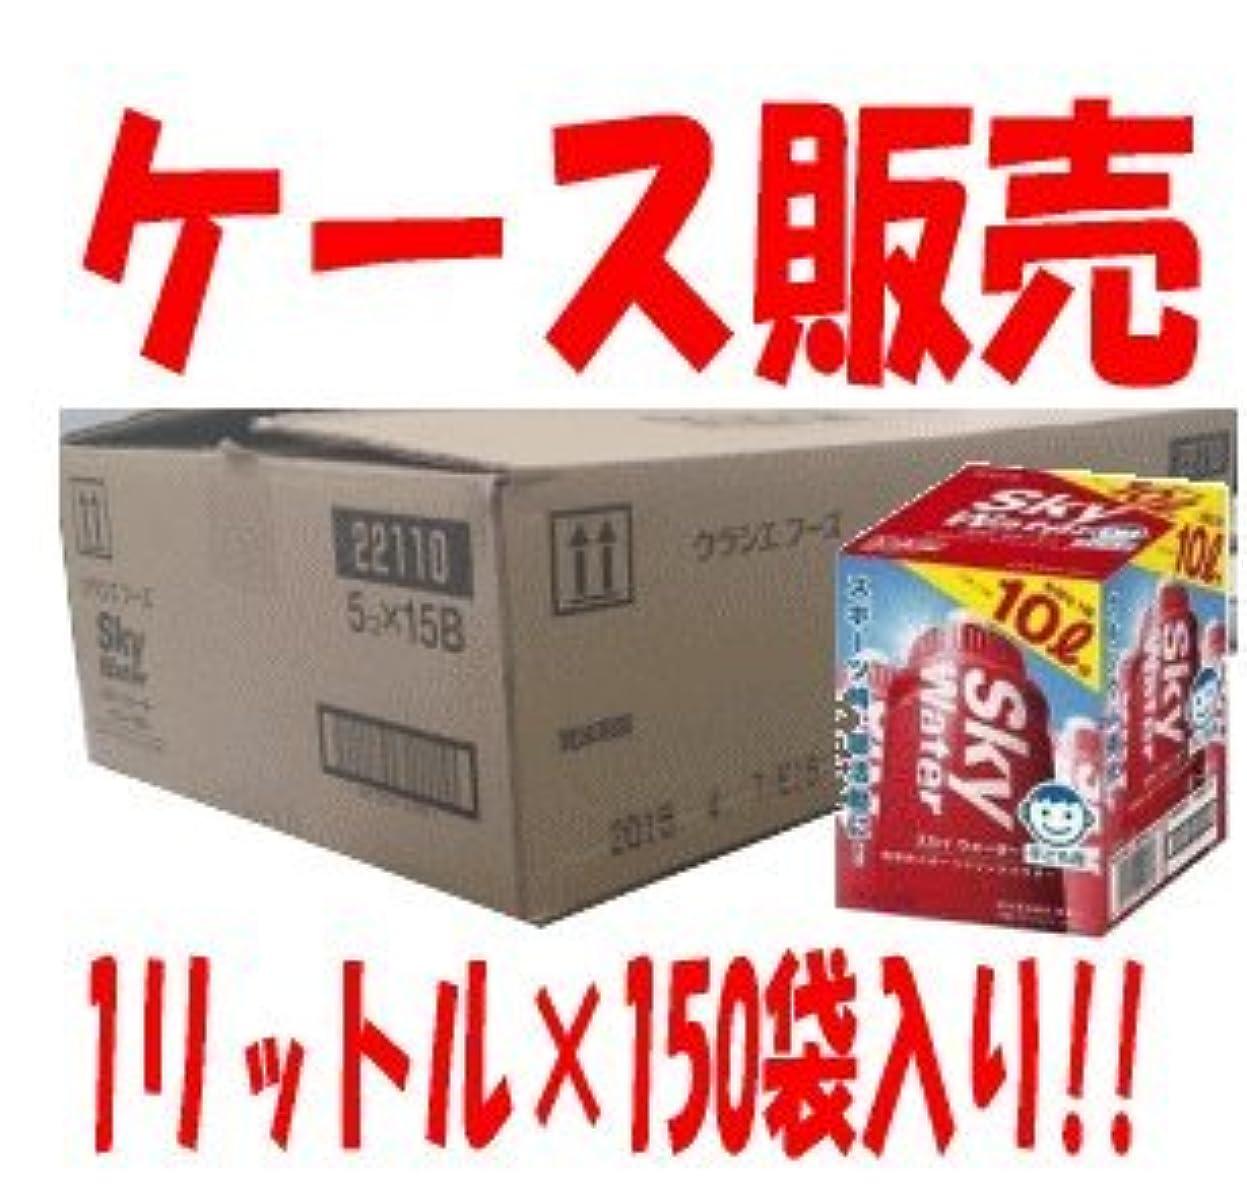 財団管理自転車クラシエ スカイウォーター1L 子供用グレープ味 10袋入【15個パック】